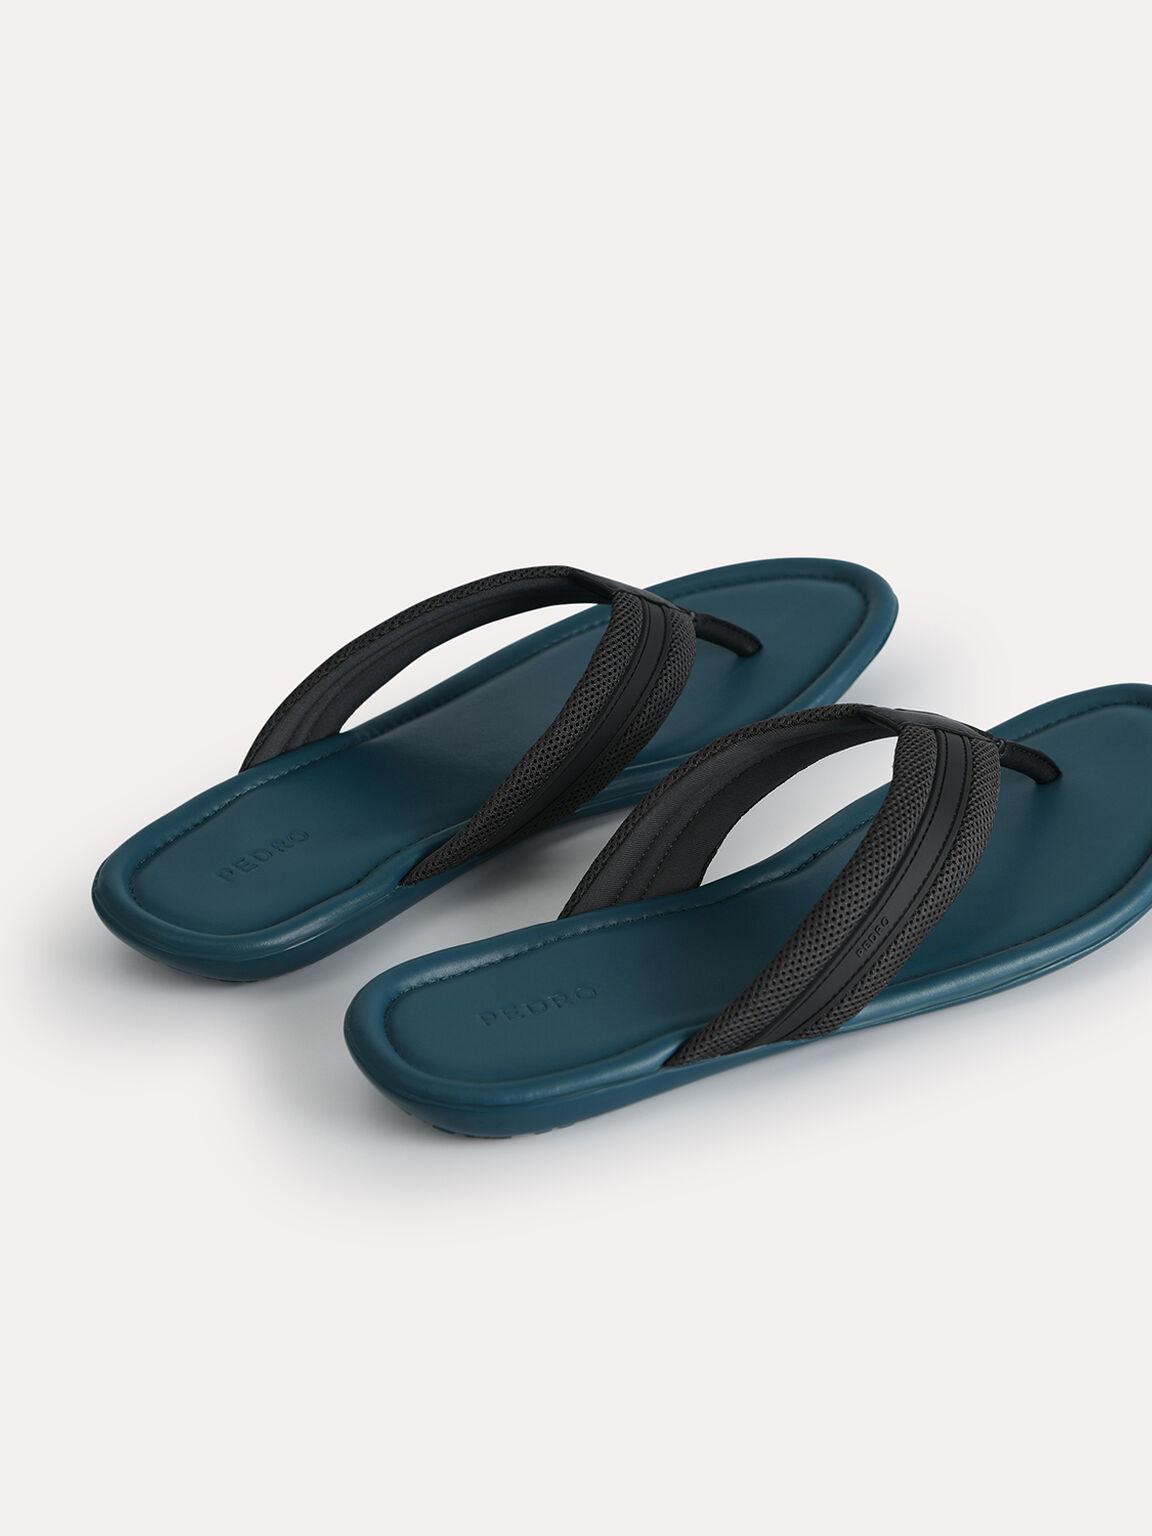 Thong Sandals, Grey, hi-res